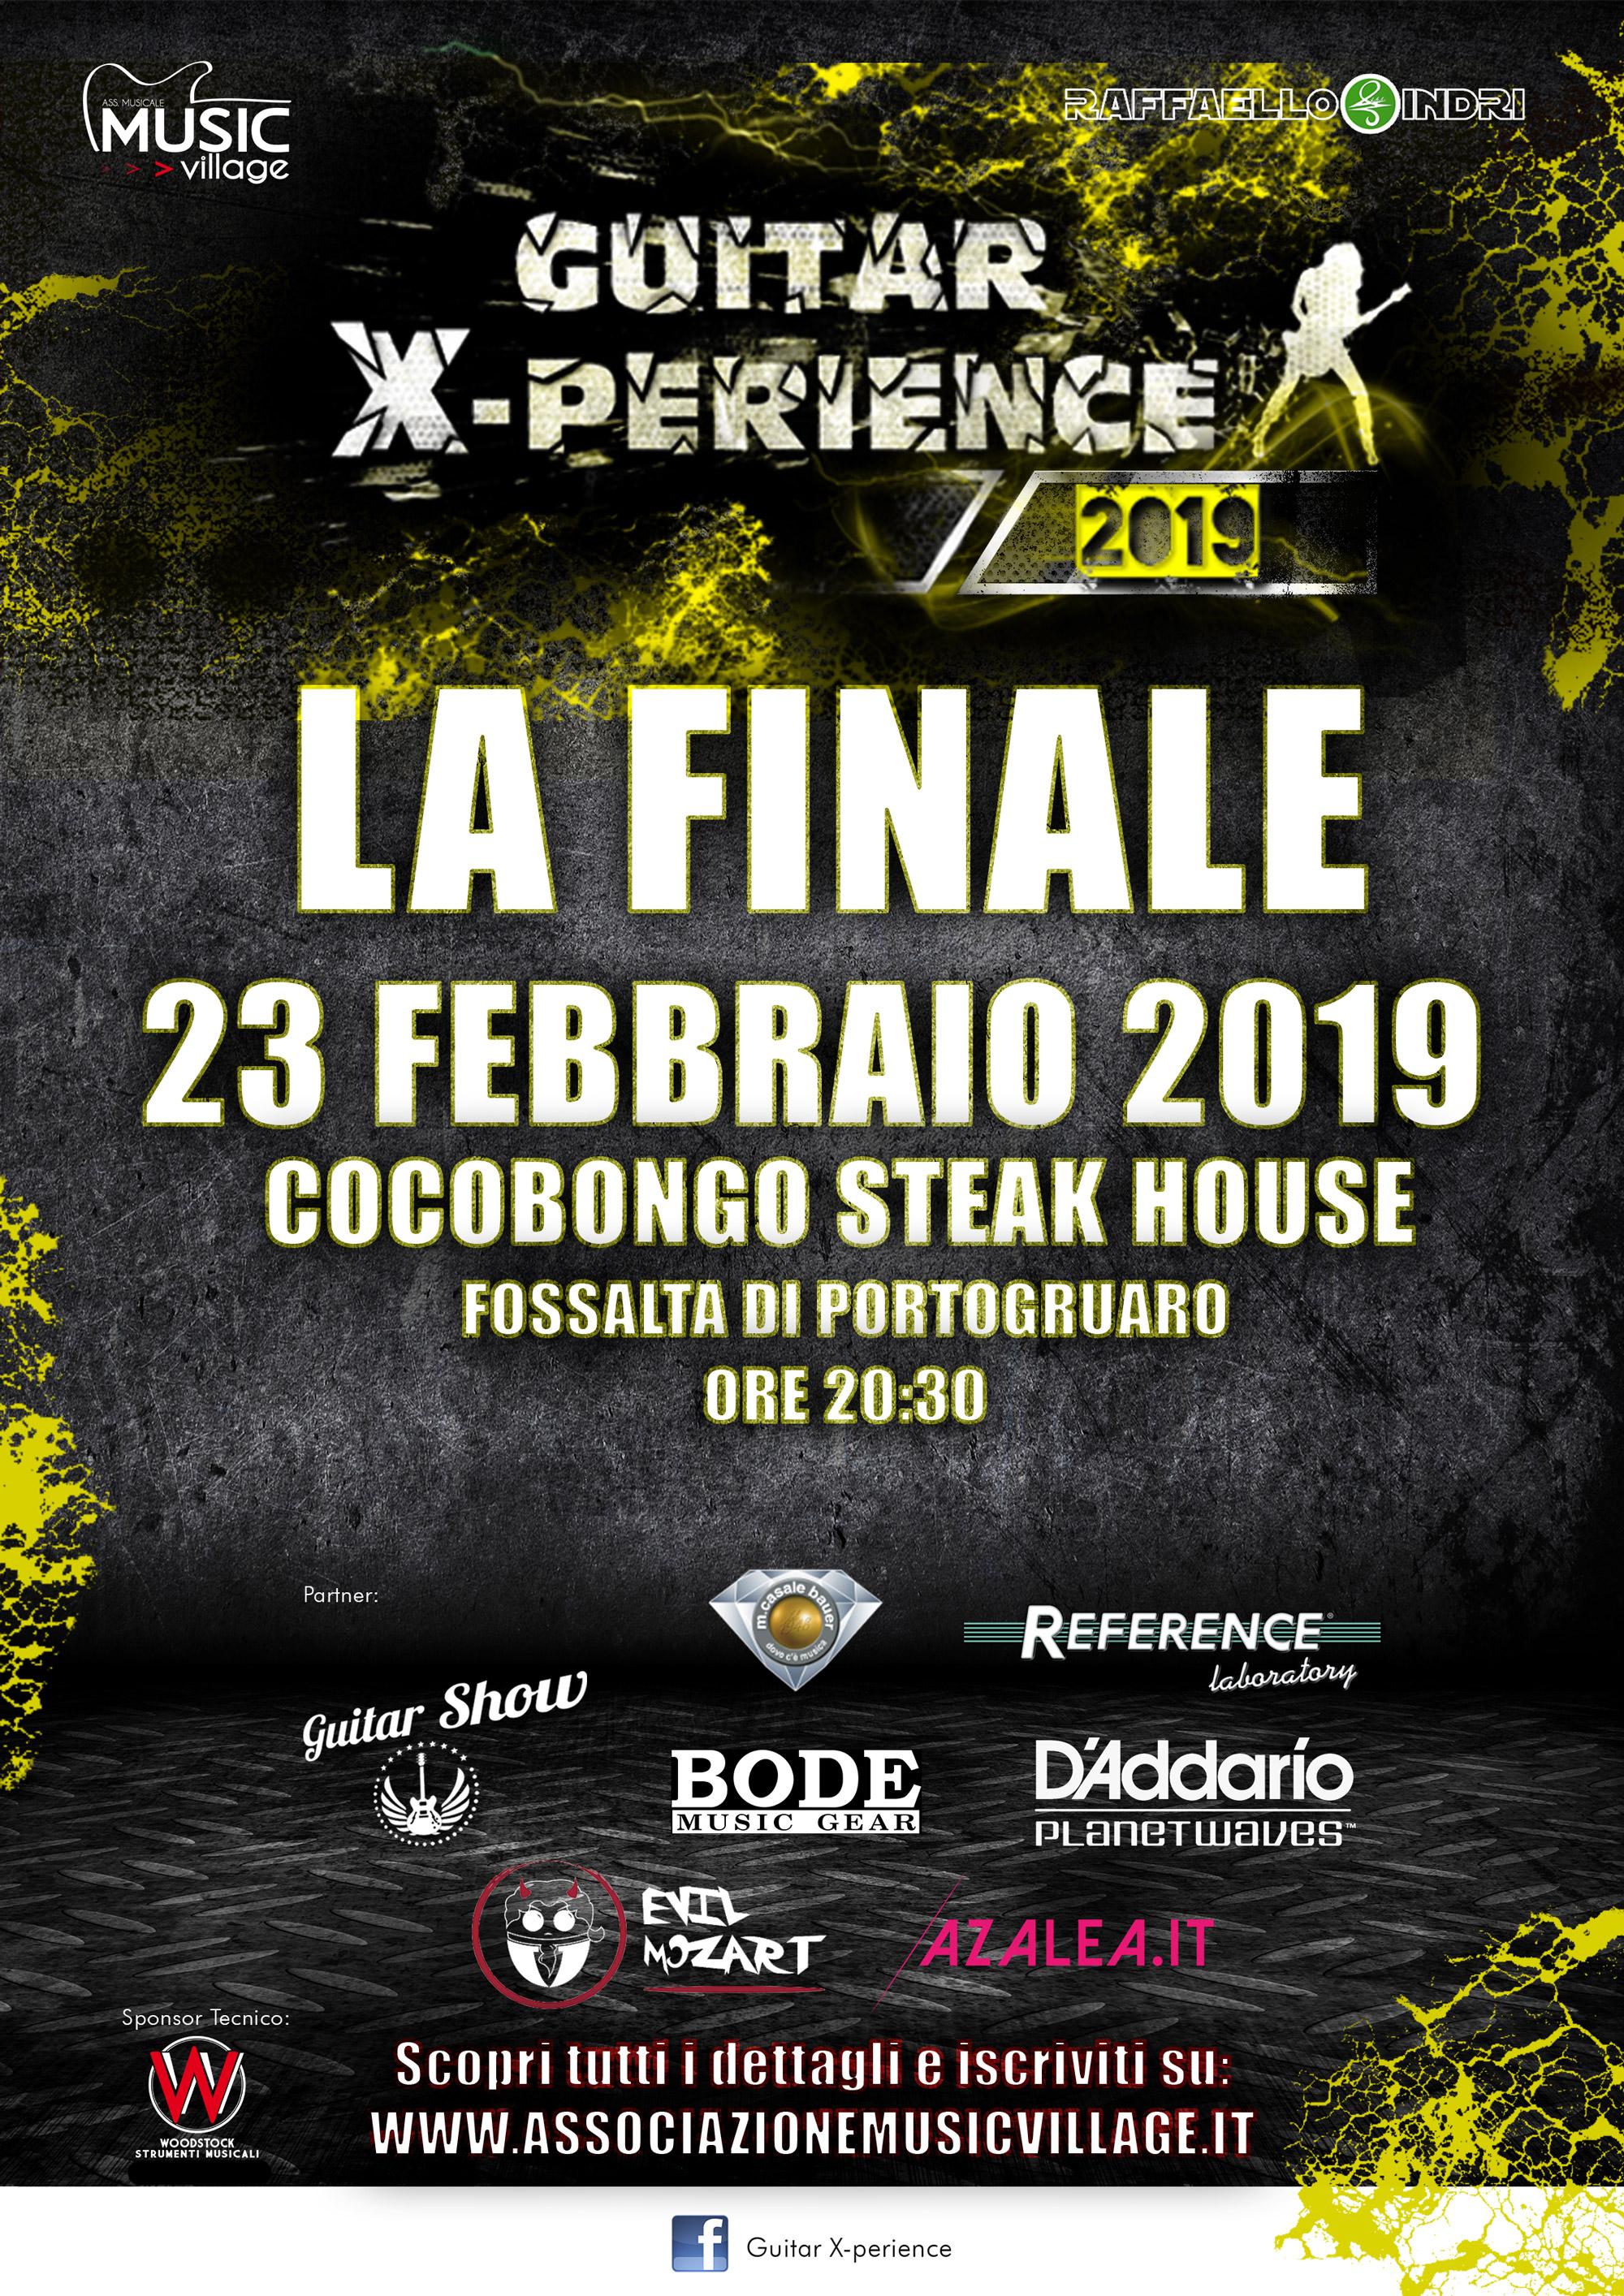 GUITAR X-PERIENCE 2019 LA FINALE